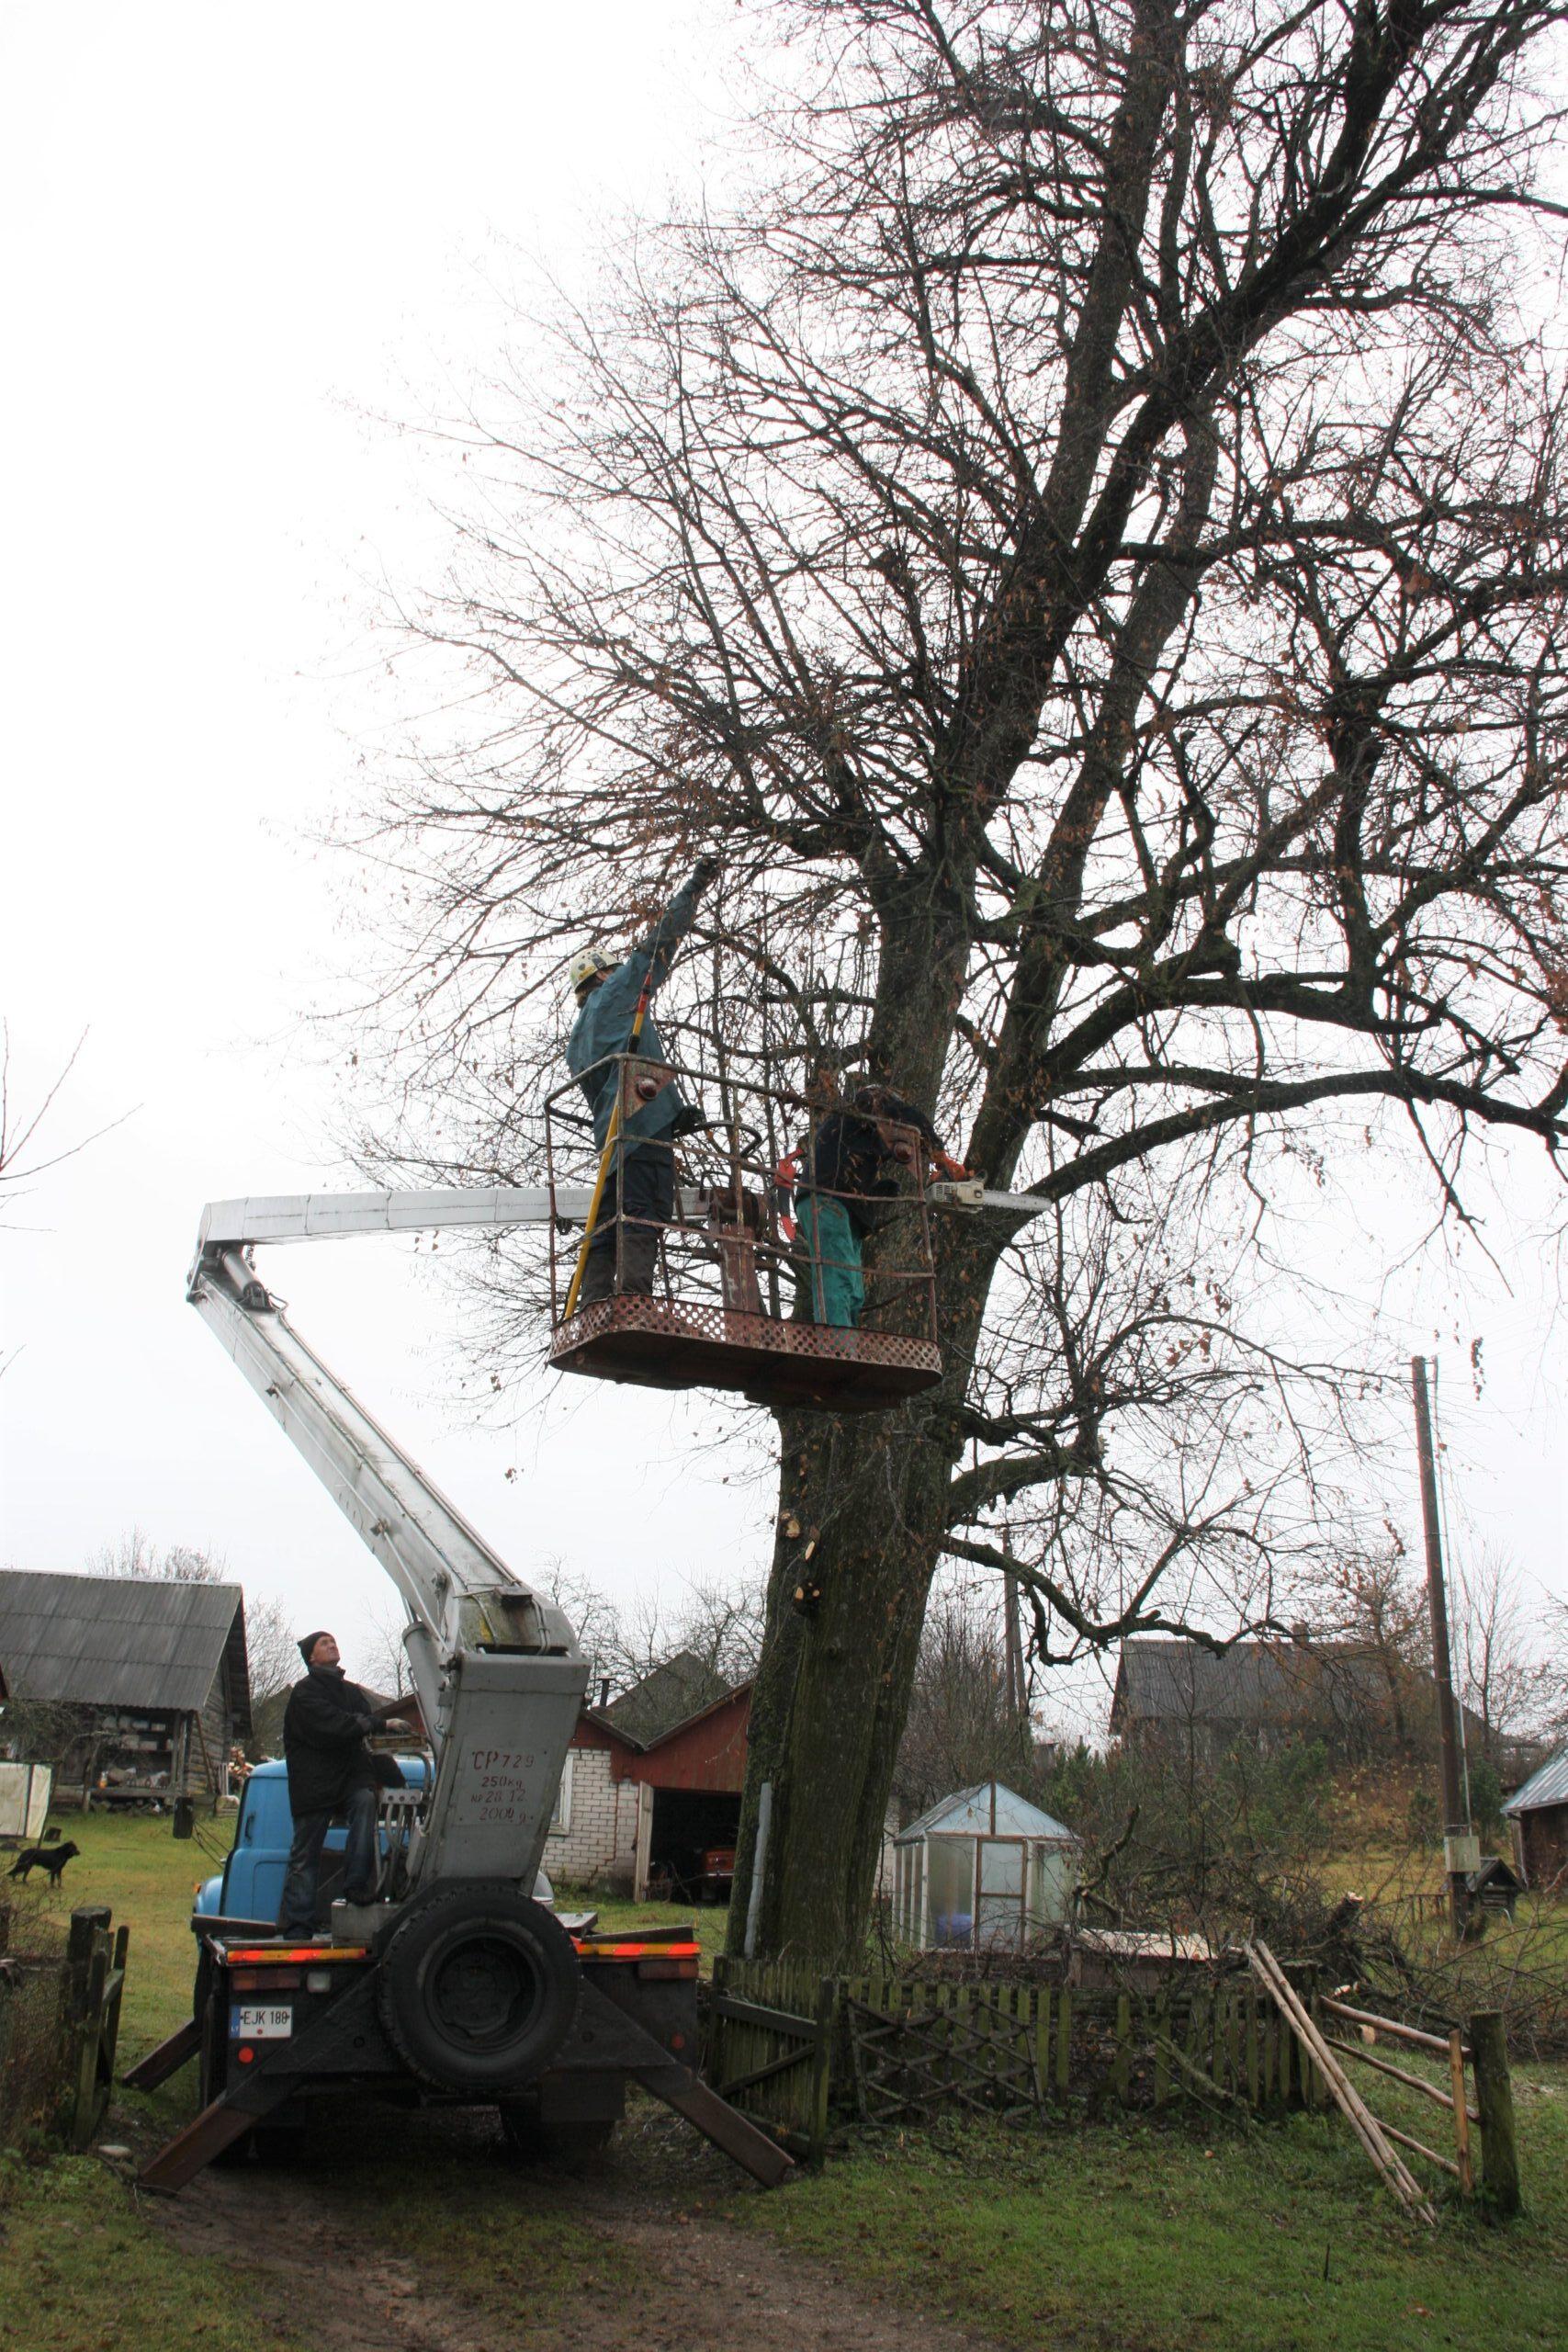 Žmonės su keltuvu prie medžio.